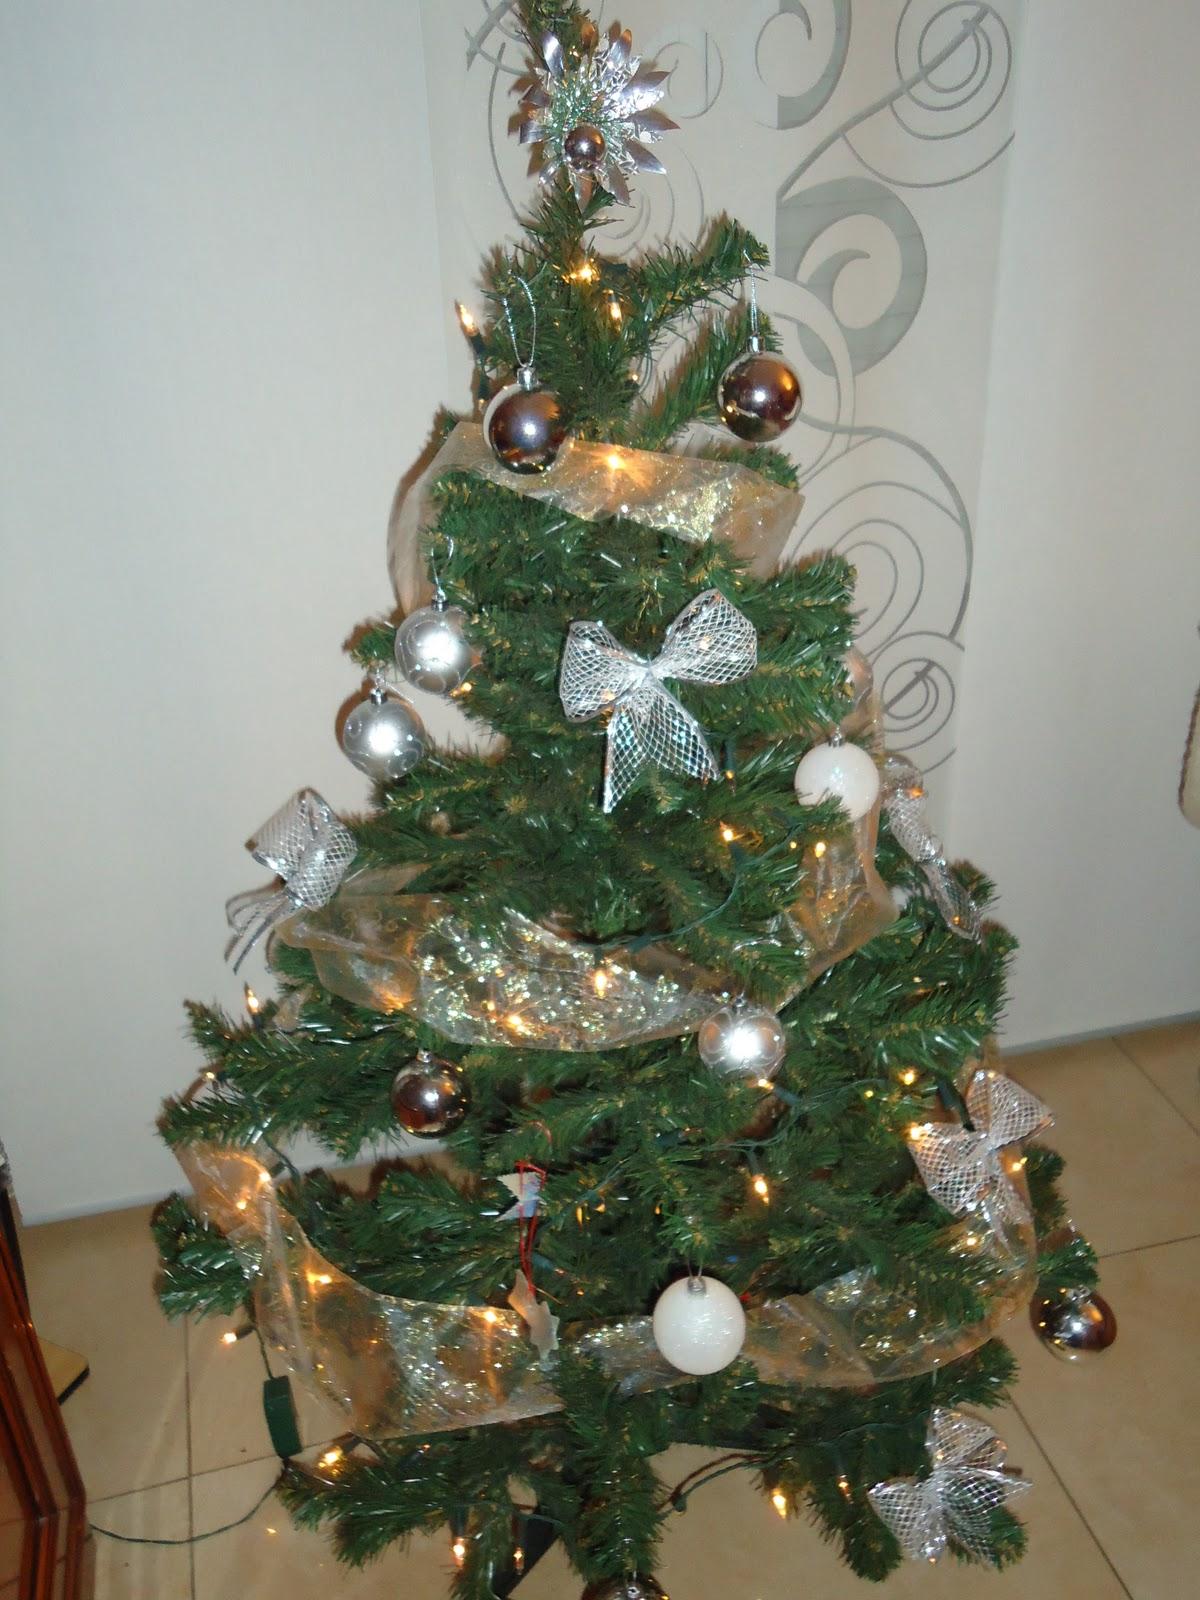 Best 28 como decorar arbol de navidad ideas para decorar el pie del 225 rbol de navidad - Como decorar mi arbol de navidad ...